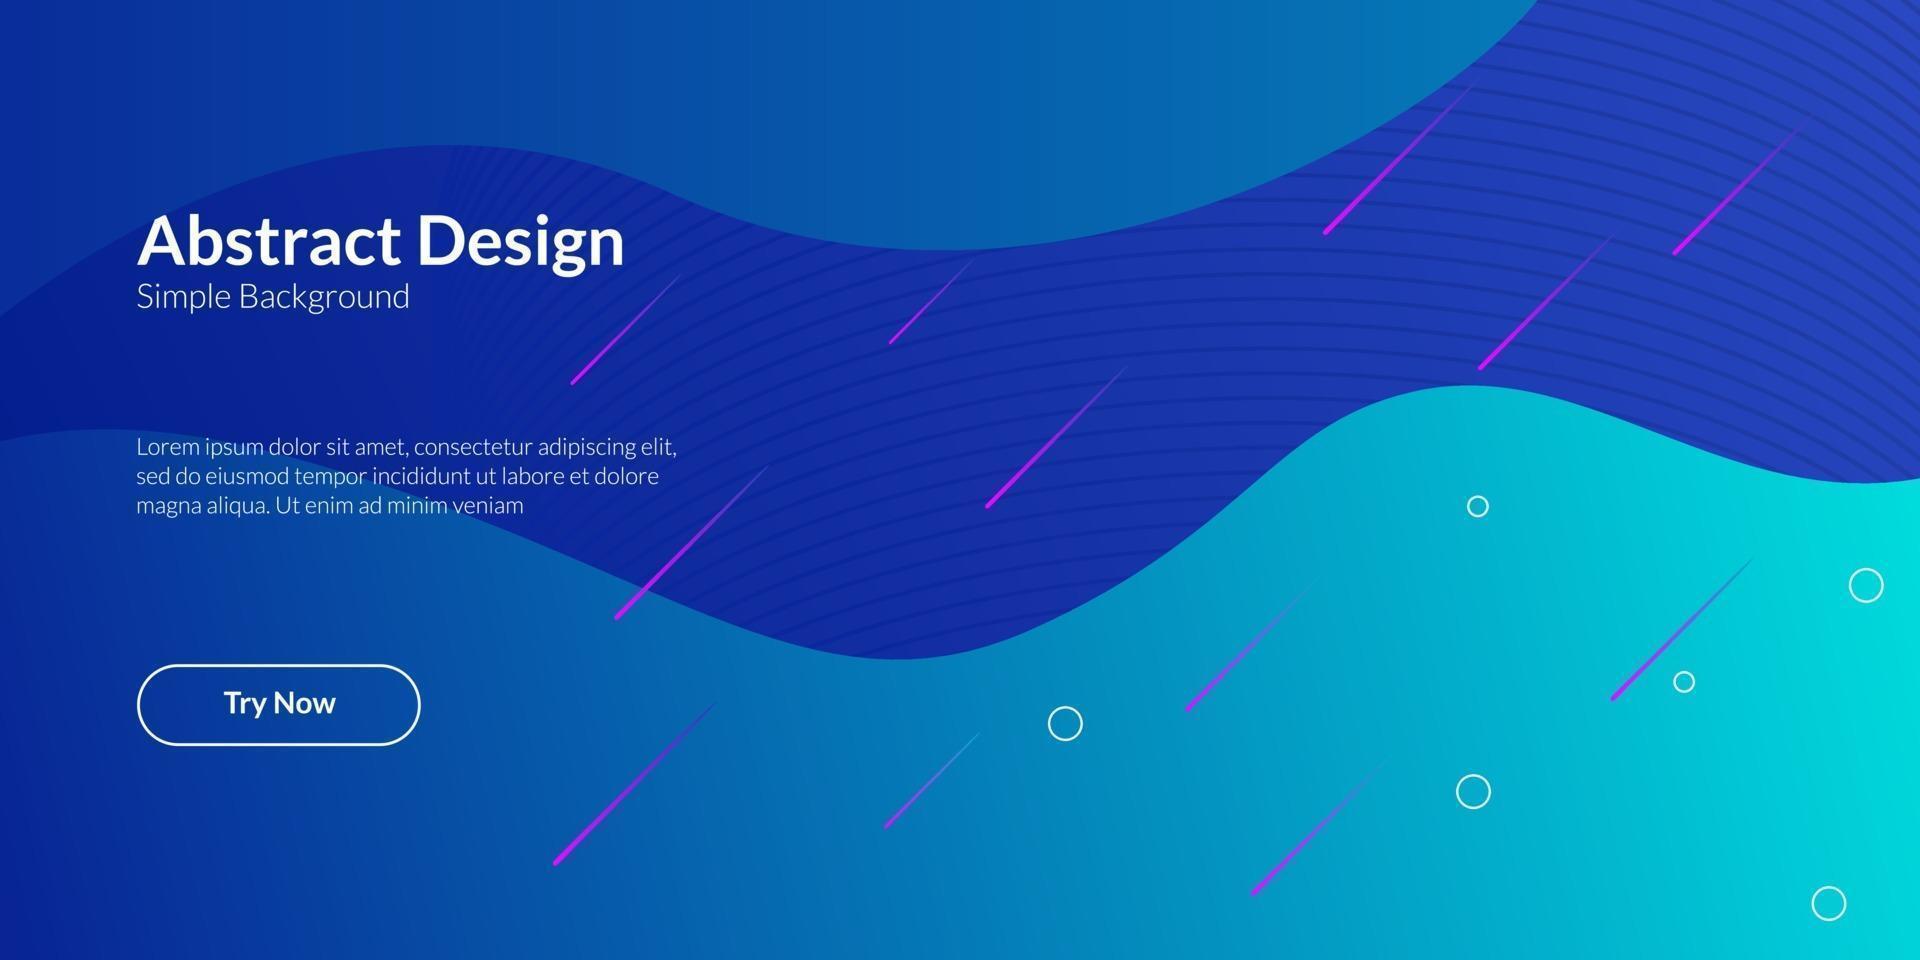 moderne abstrakte blaue Farbverlauf geometrisch vektor